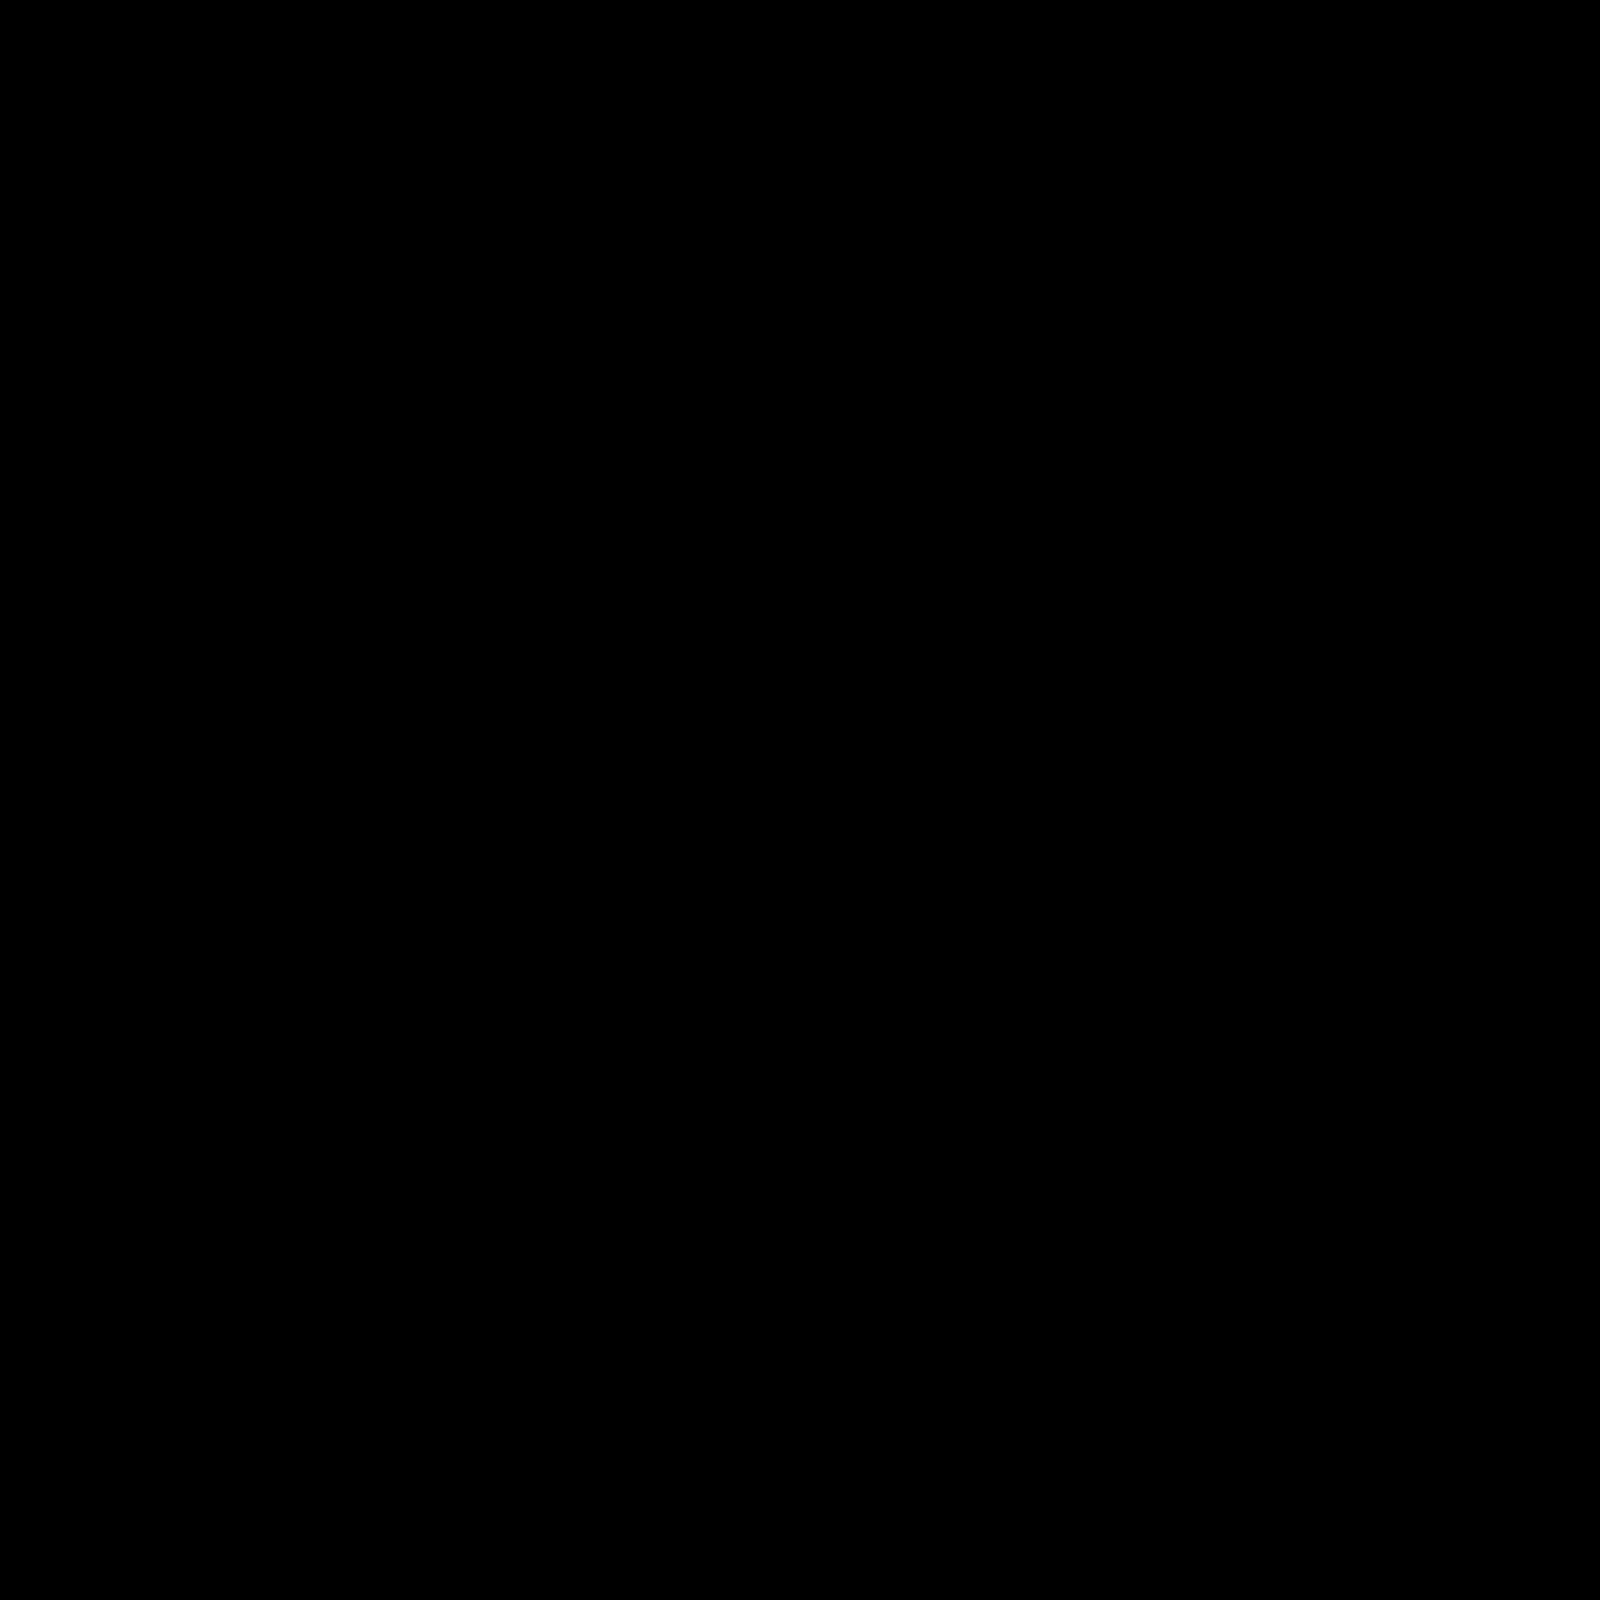 Circled K icon